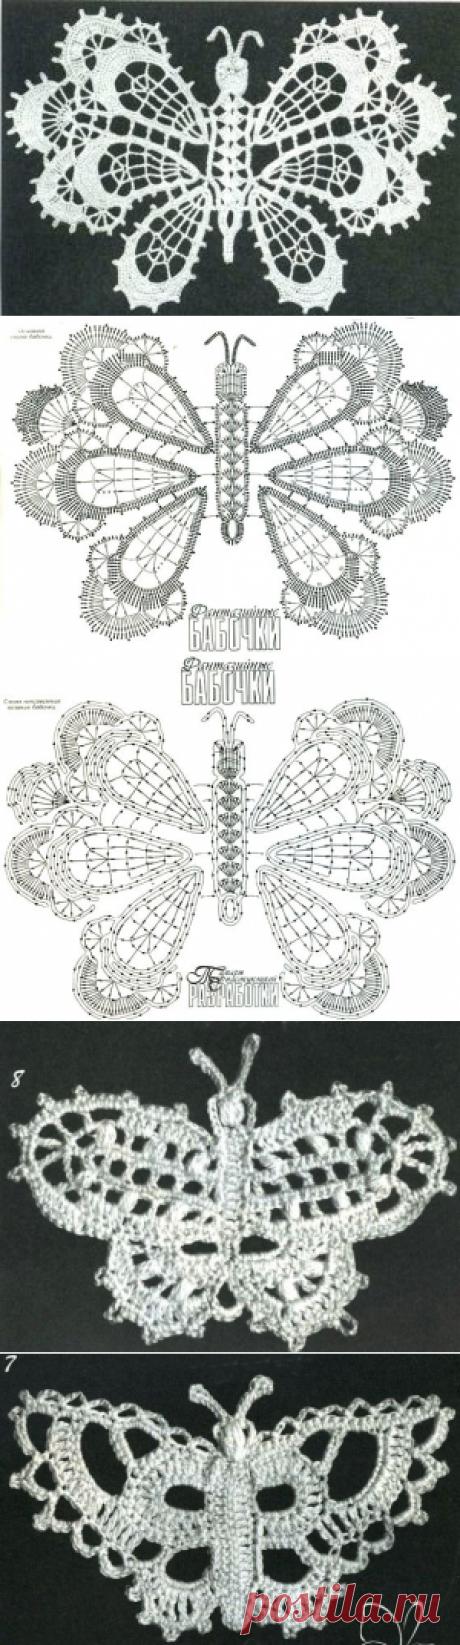 Большая коллекция бабочек крючком - САМОБРАНОЧКА рукодельницам, мастерицам